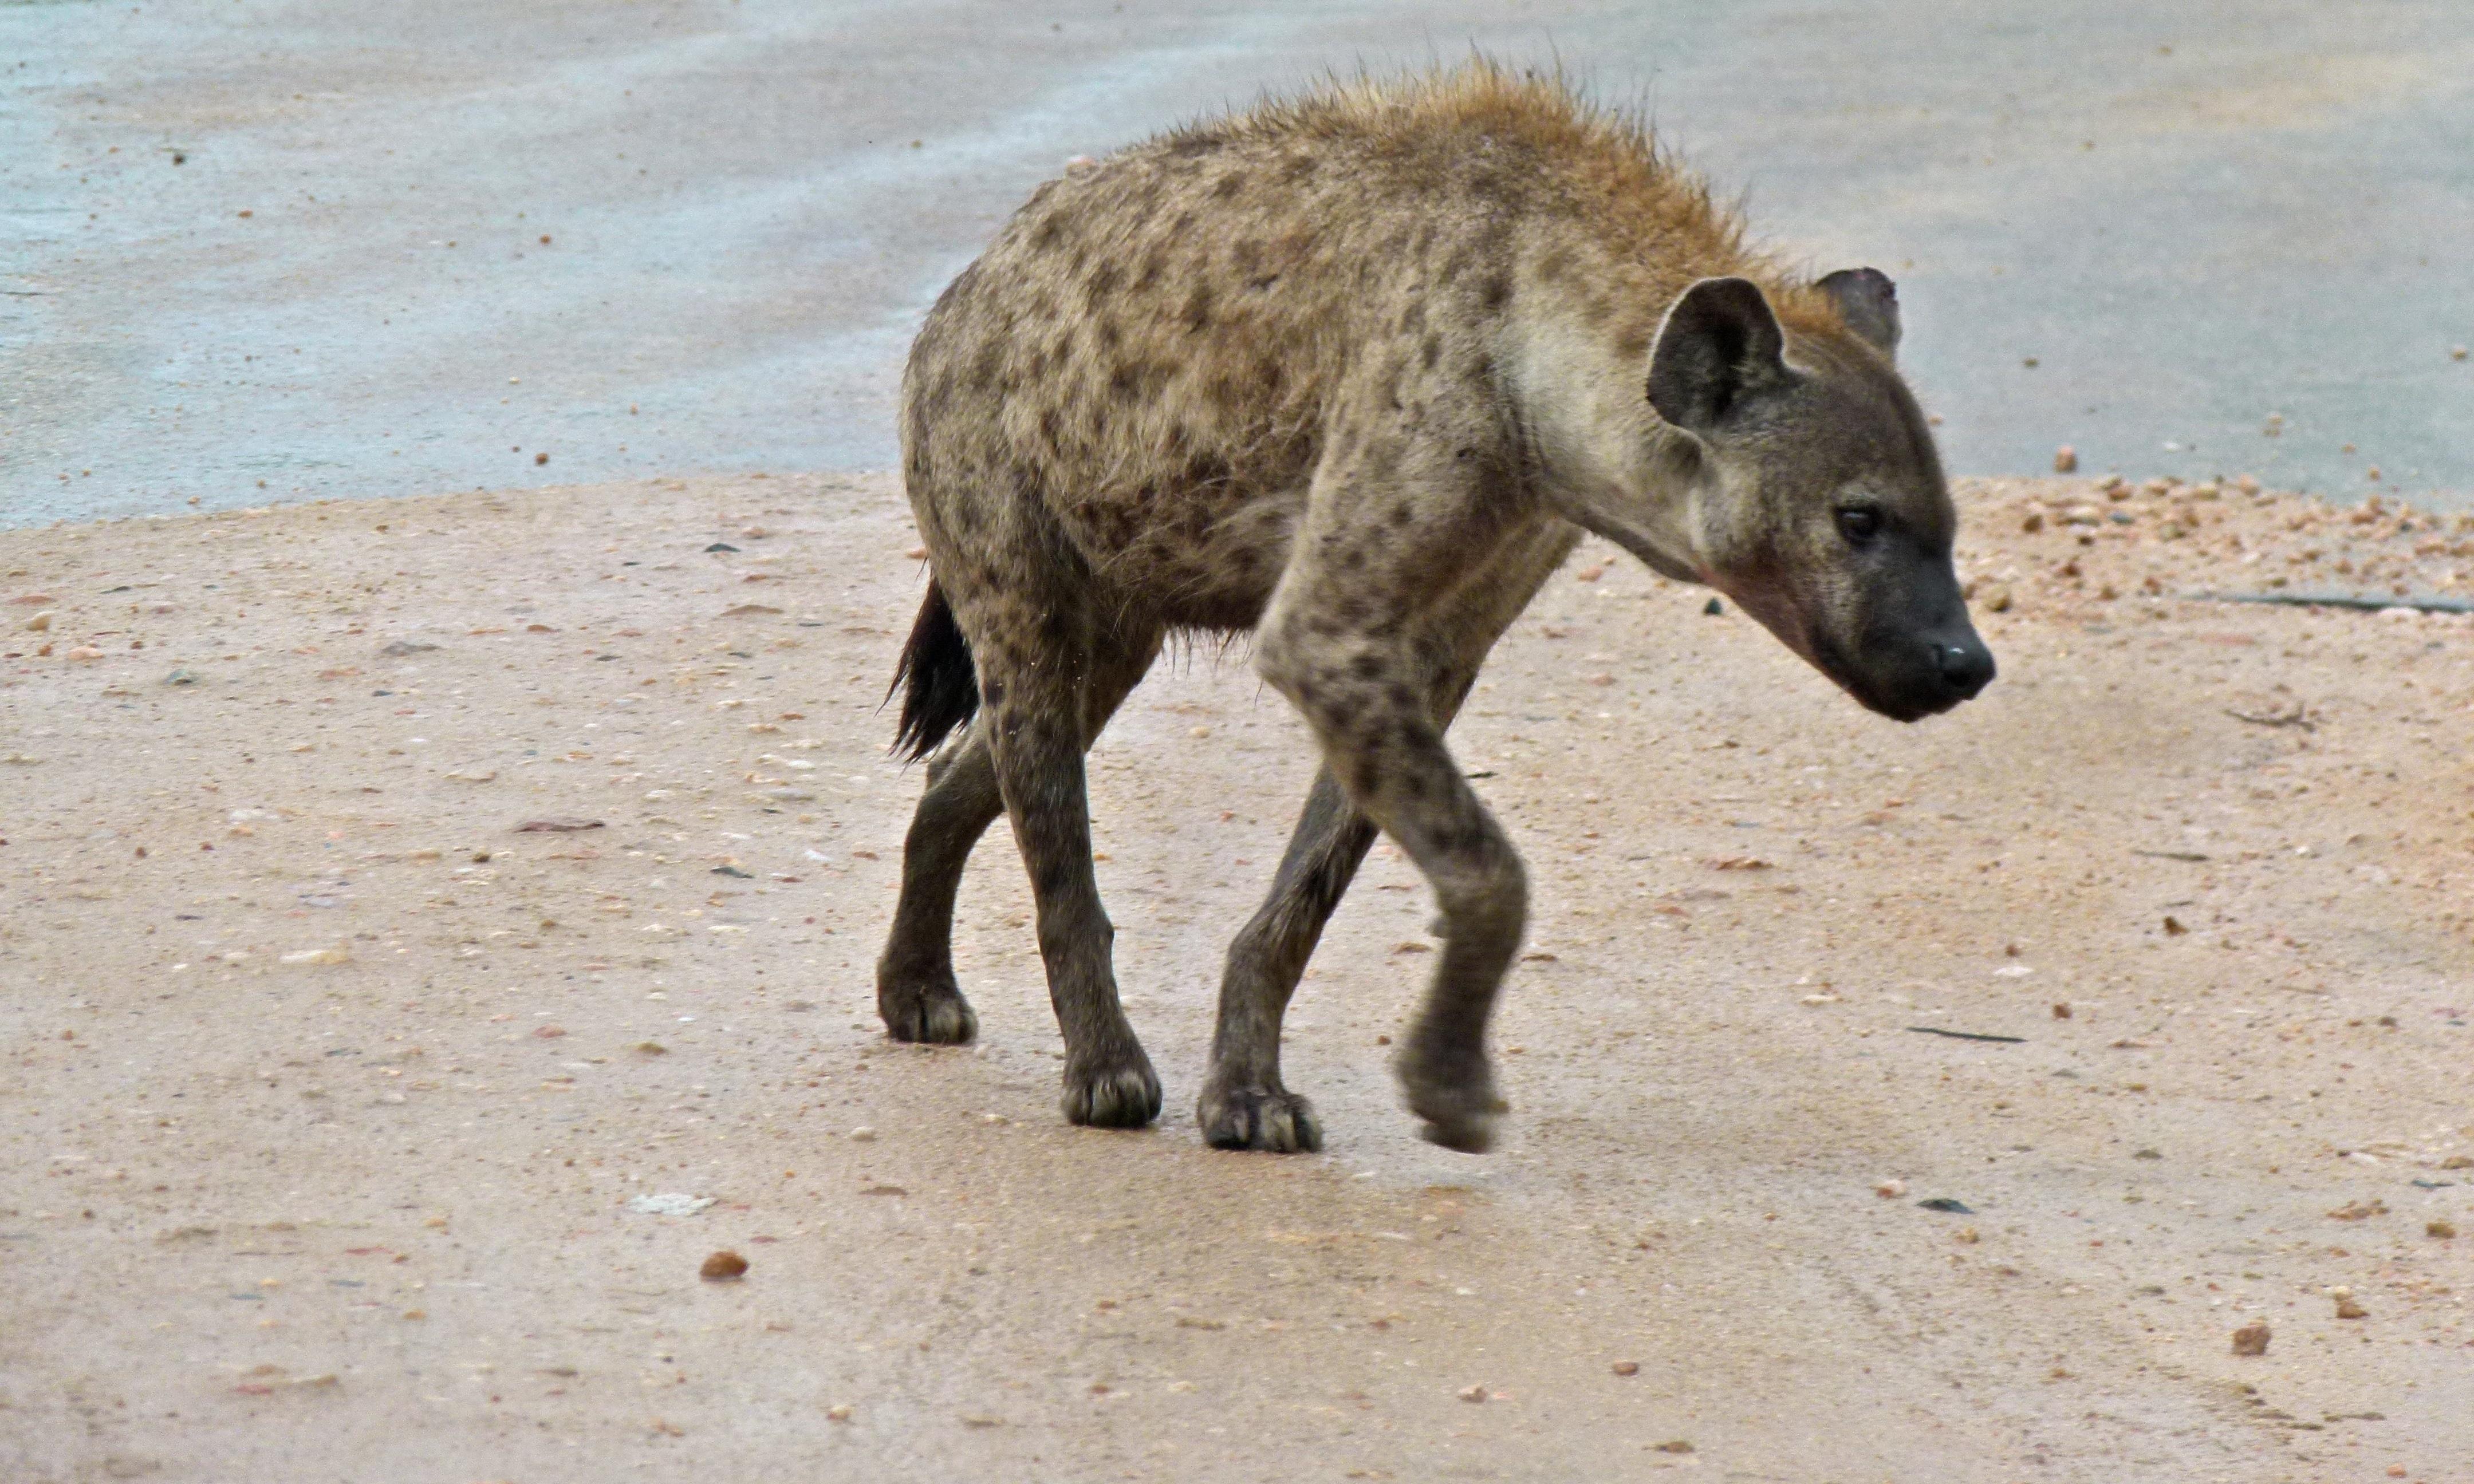 актерский гиена сутулая фото они сравняются друг